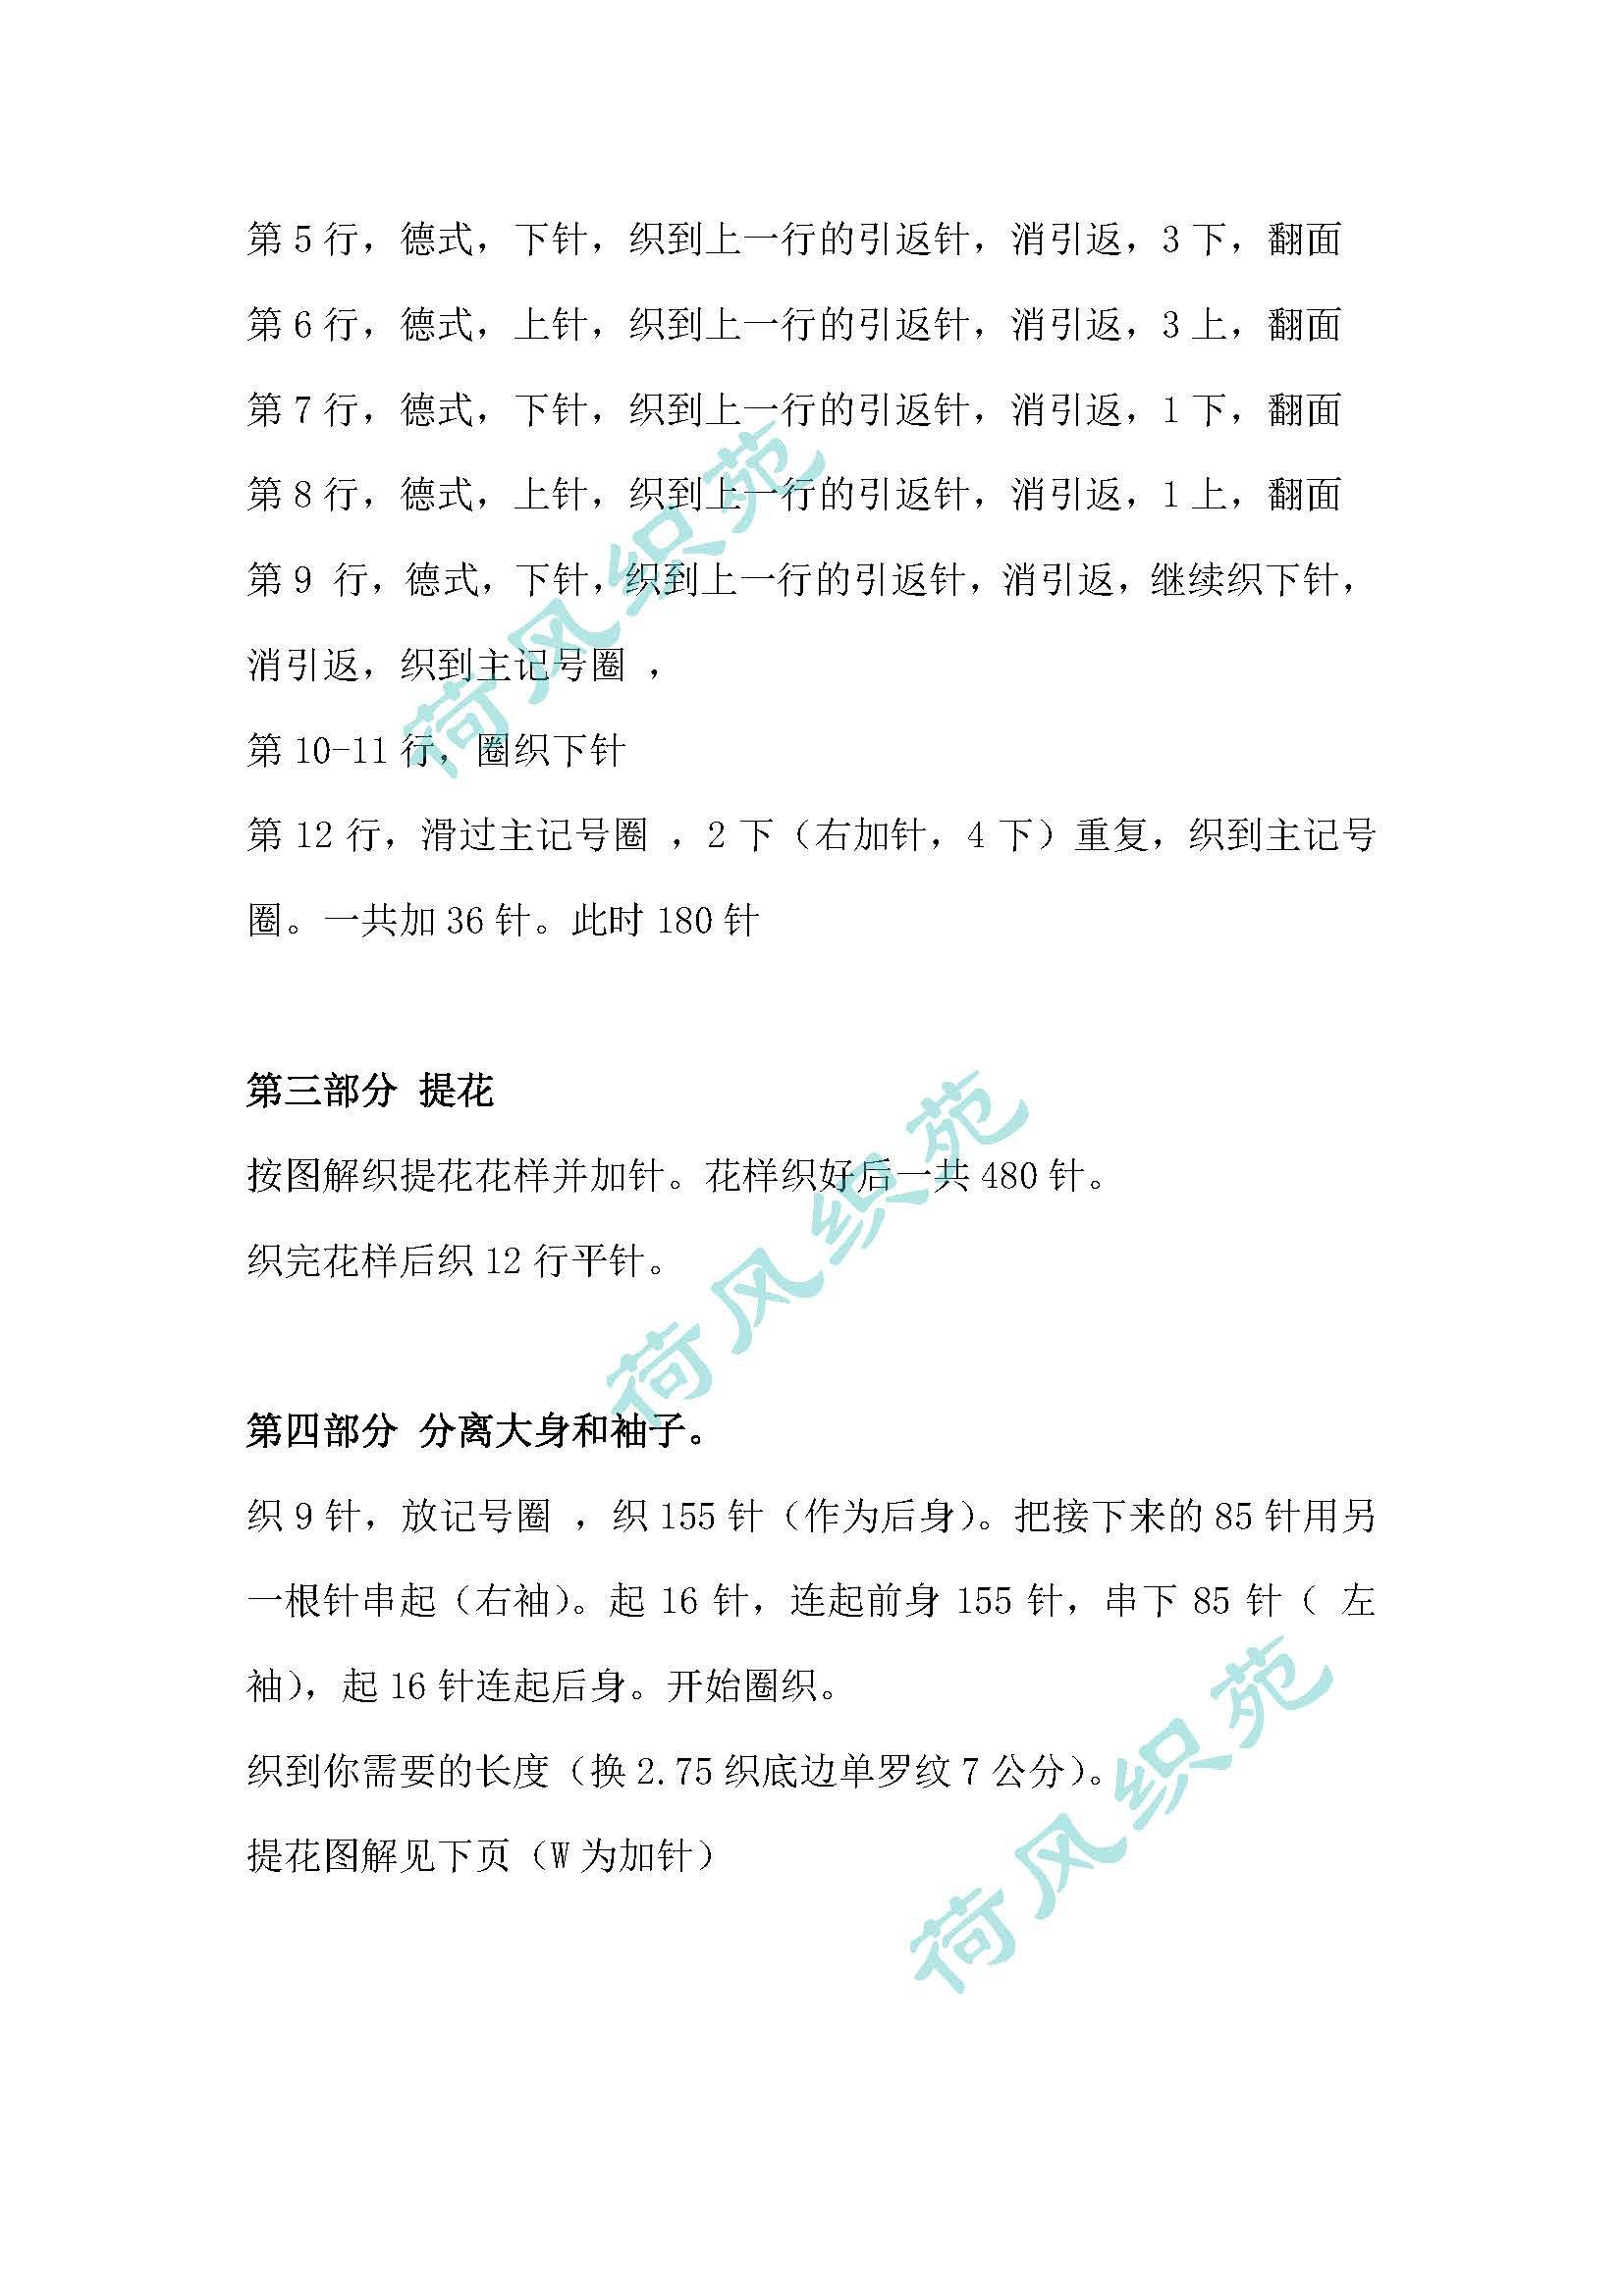 林海编织过程_页面_2.jpg